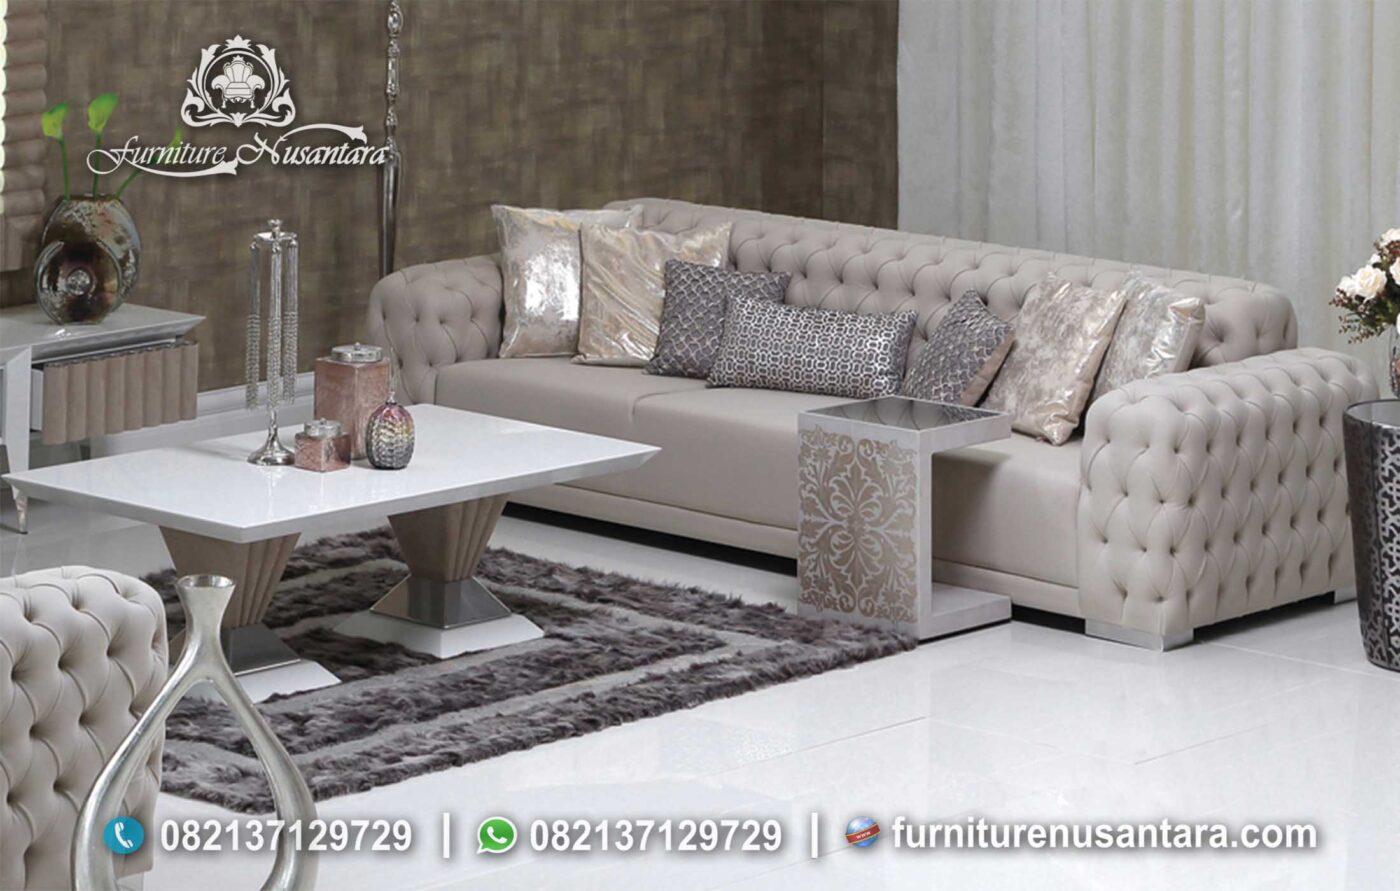 Jual Sofa Bed Ruang Keluarga ST-75, Furniture Nusantara